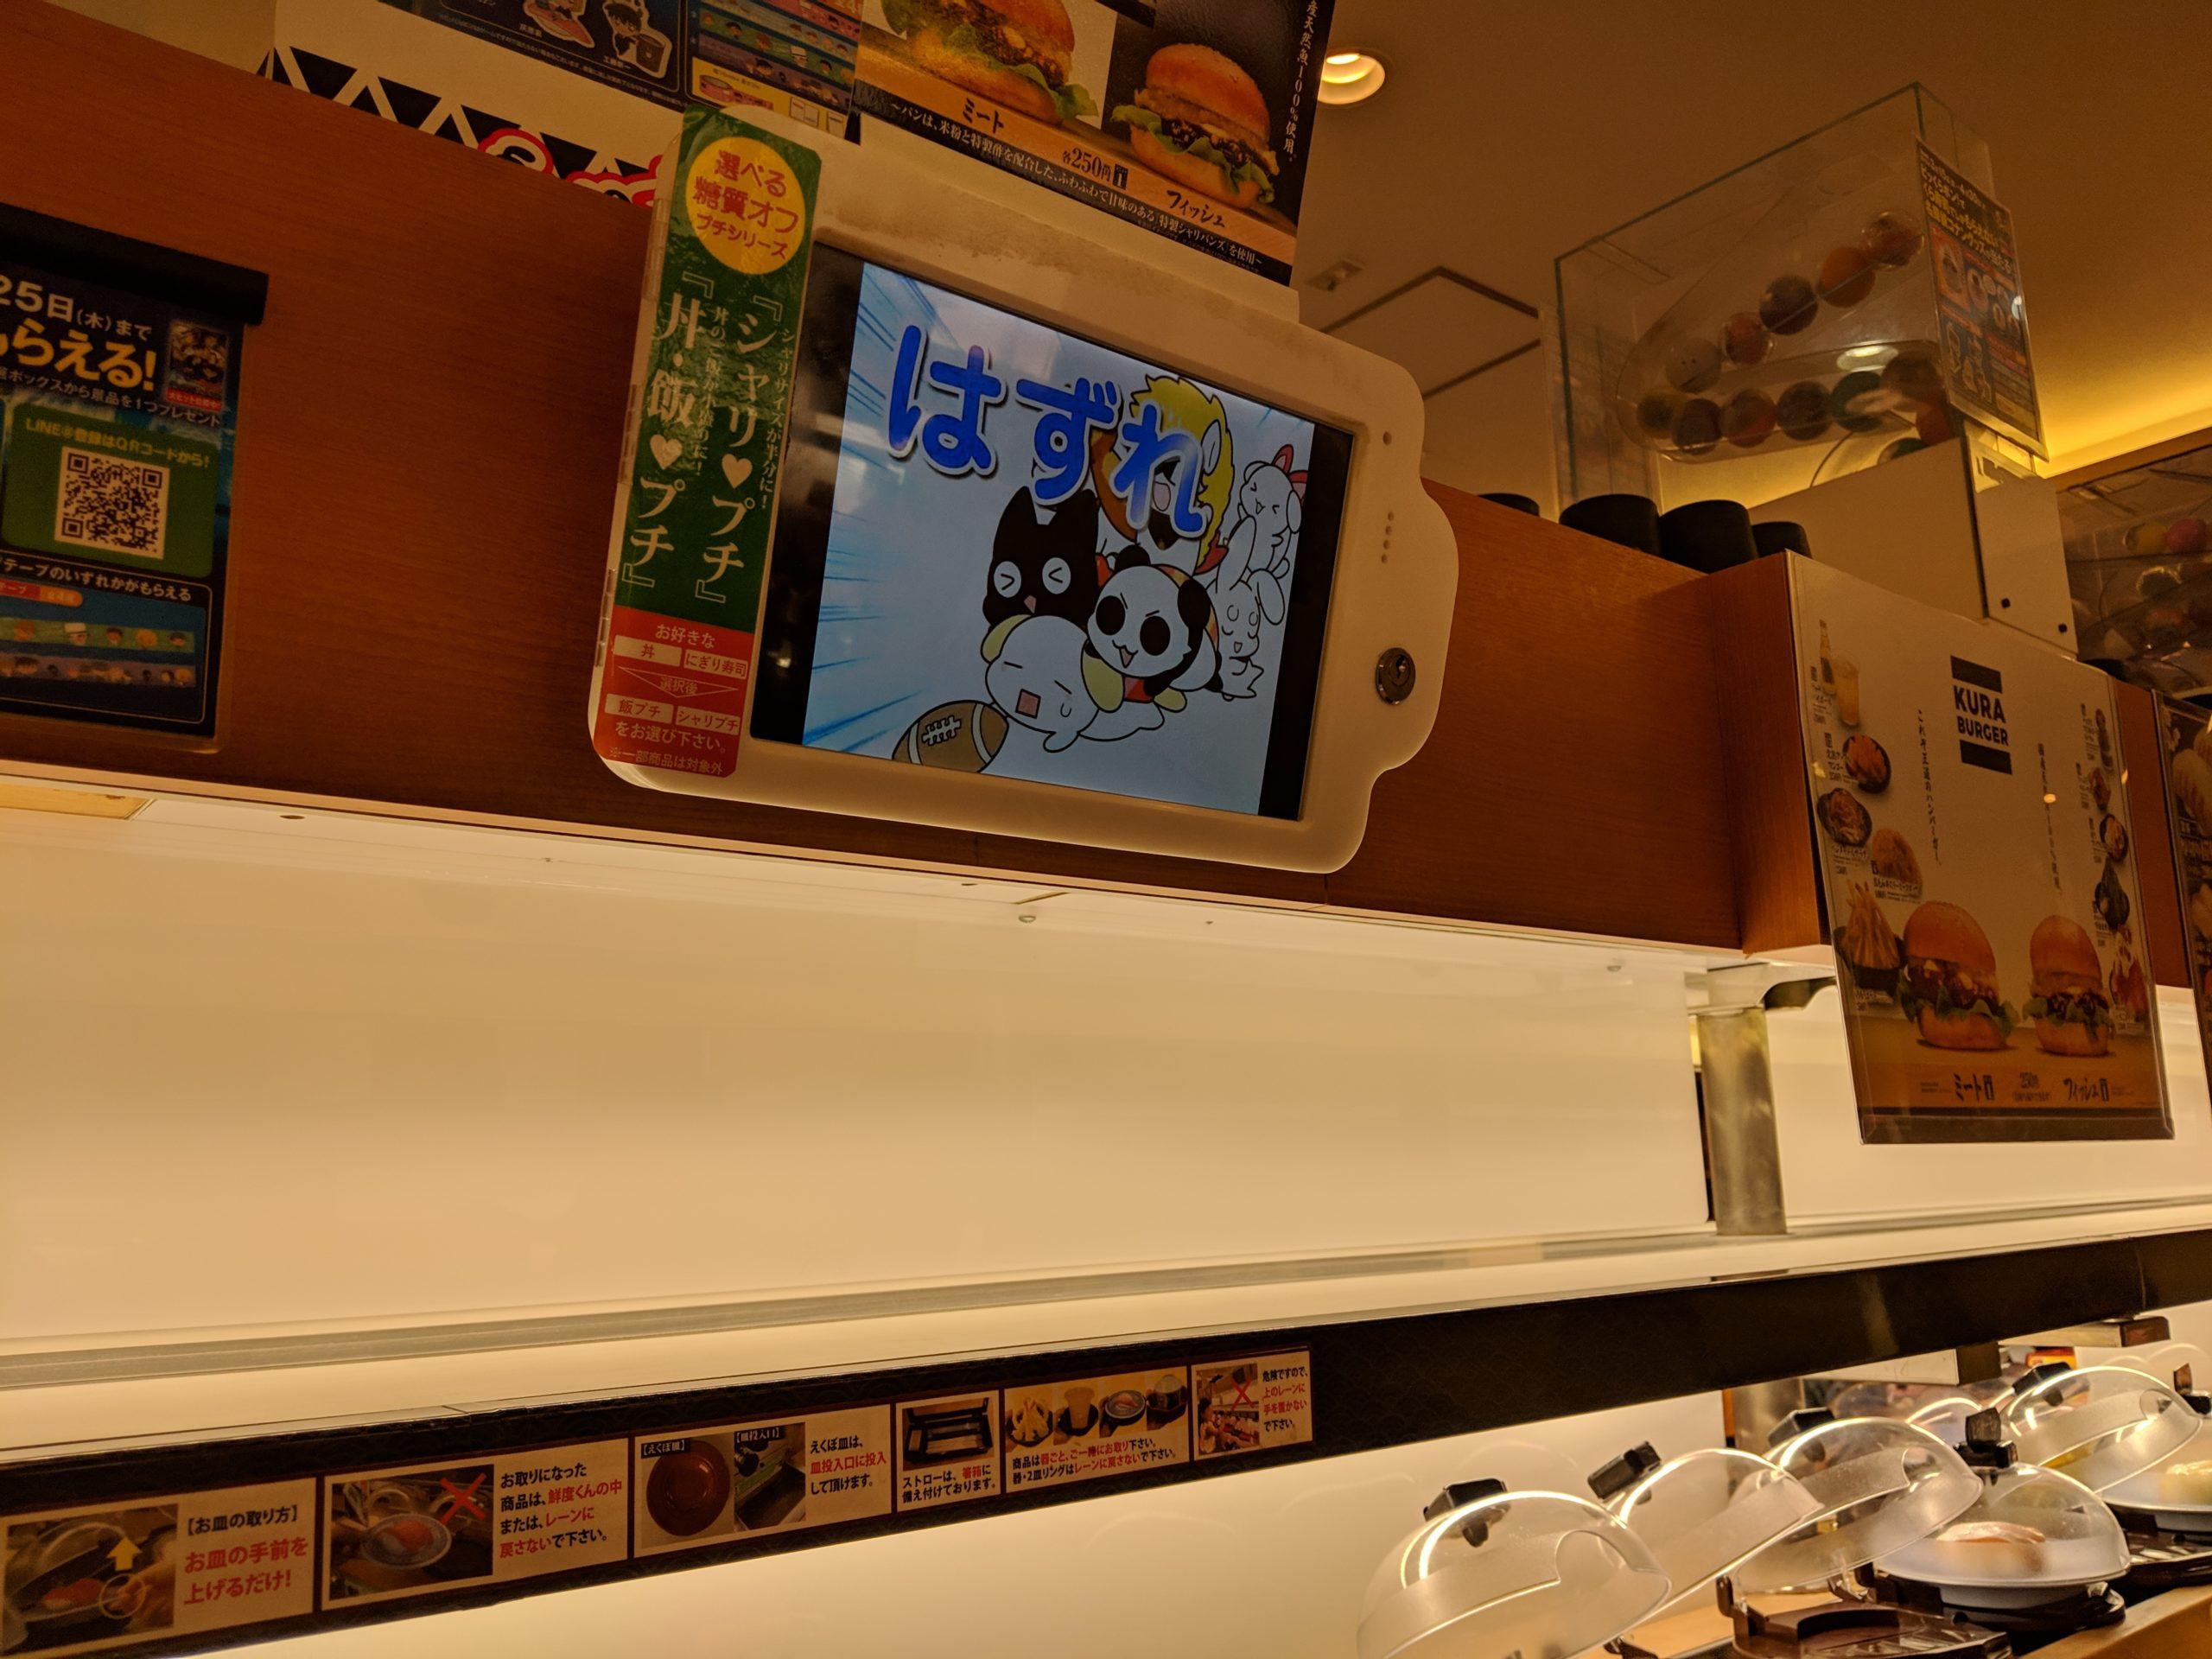 Sushi conveyor belt game